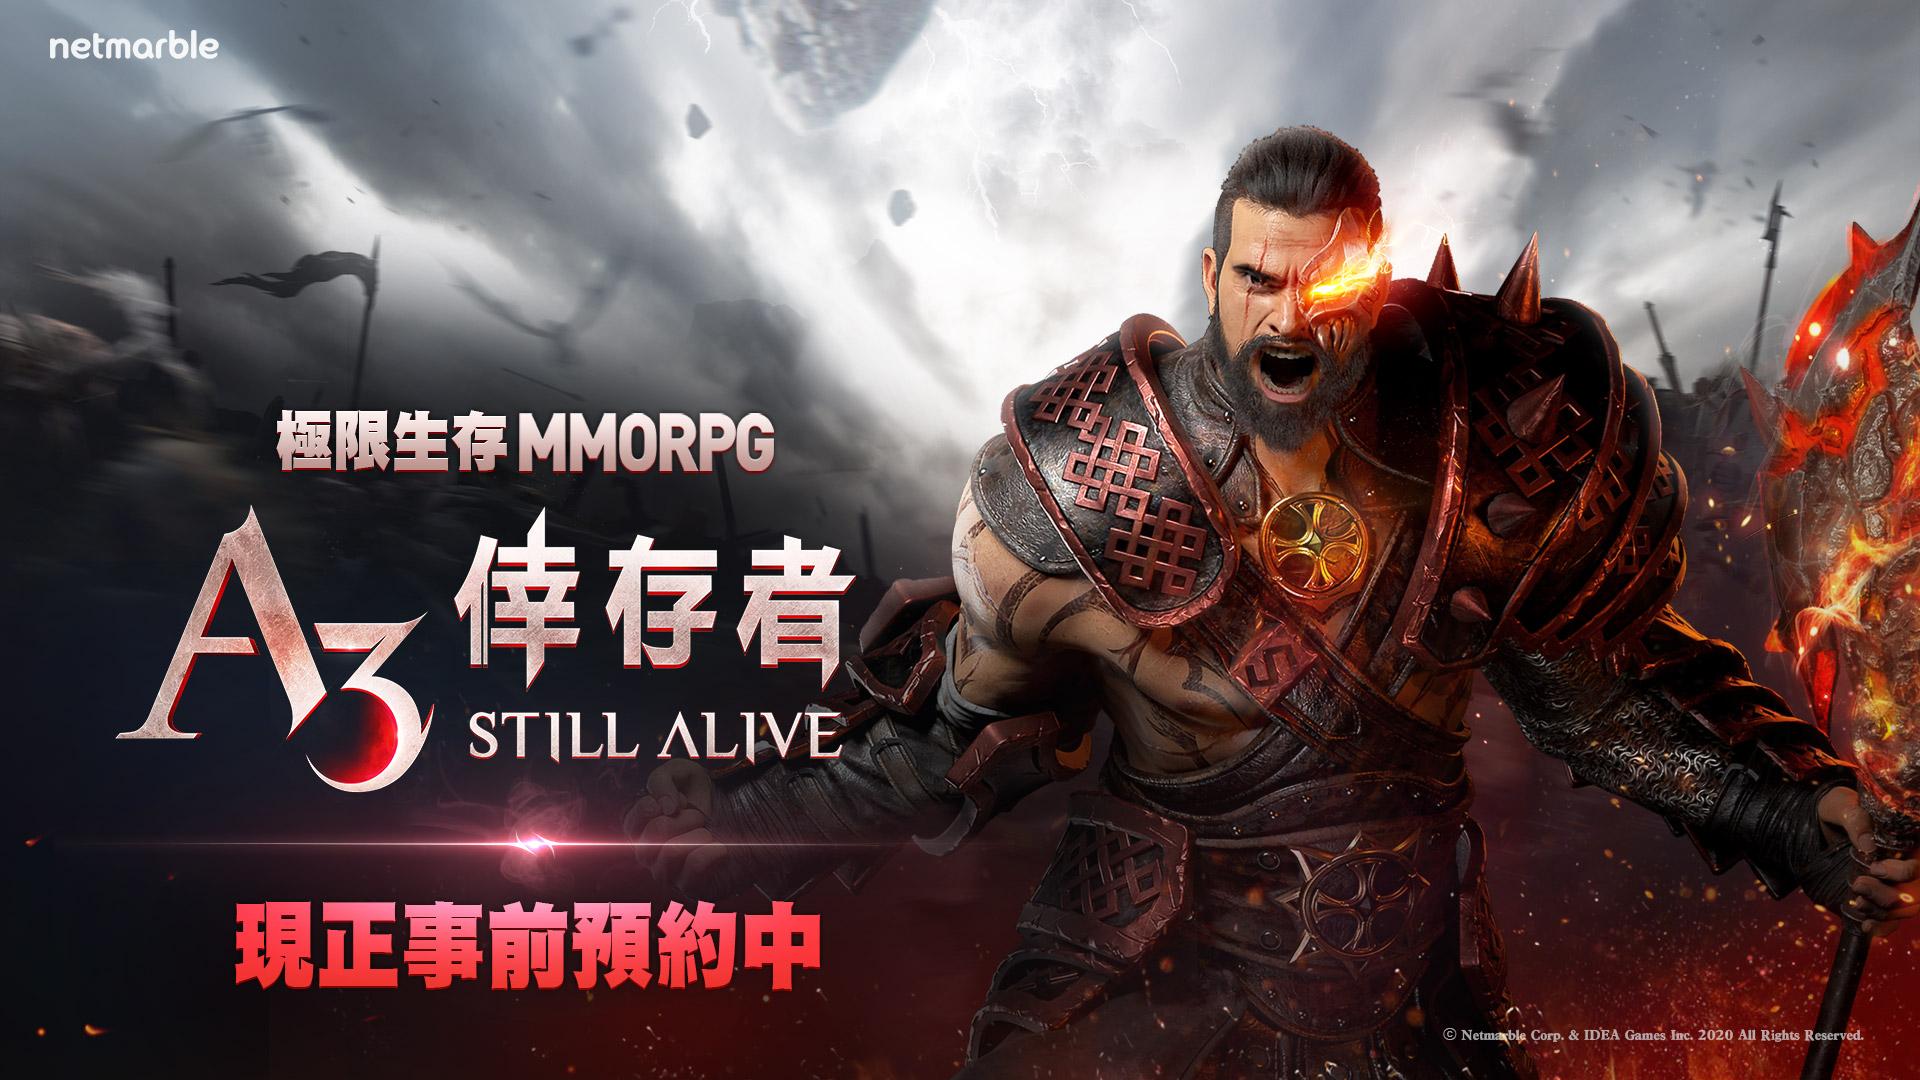 網石極限生存MMORPG《A3: STILL ALIVE 倖存者》  一起踏入充滿危險、絕望和極限戰鬥的世界